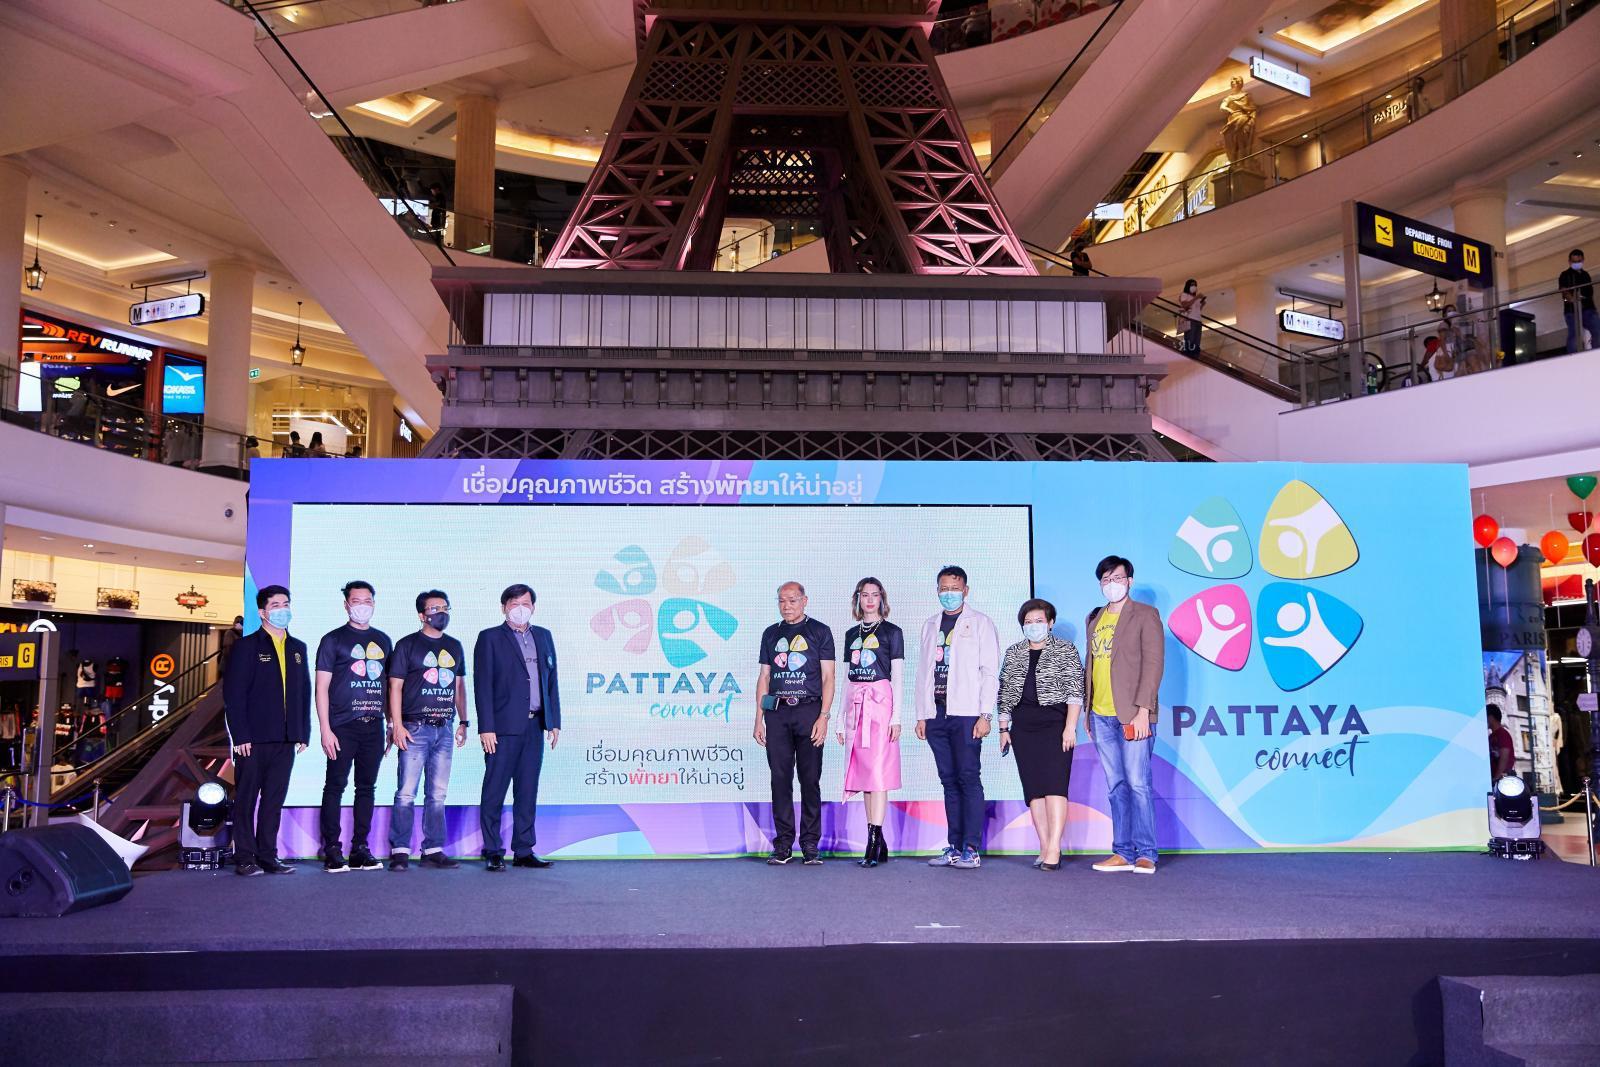 """เมืองพัทยา เปิดตัว LINE@PATTAYA CONNECT """"เชื่อมคุณภาพชีวิต สร้างพัทยาให้น่าอยู่"""""""